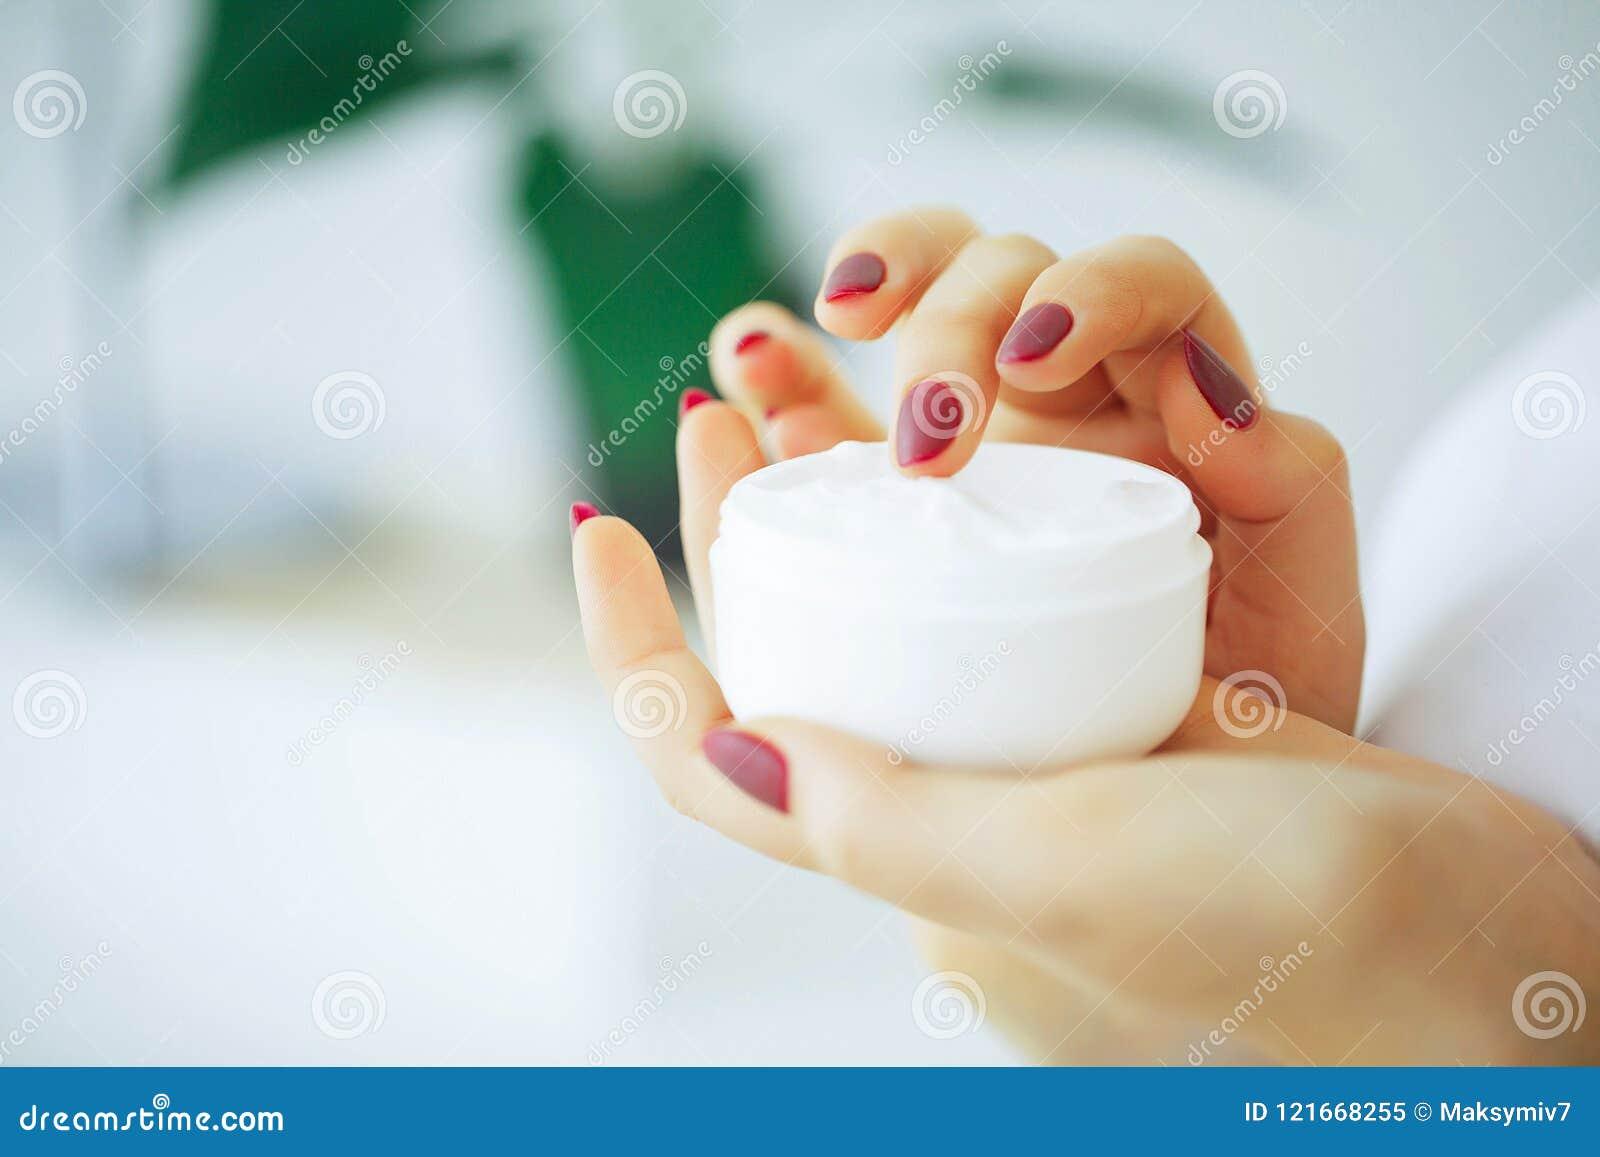 秀丽和关心 拿着面霜的女孩 有纯净的皮肤的一名妇女